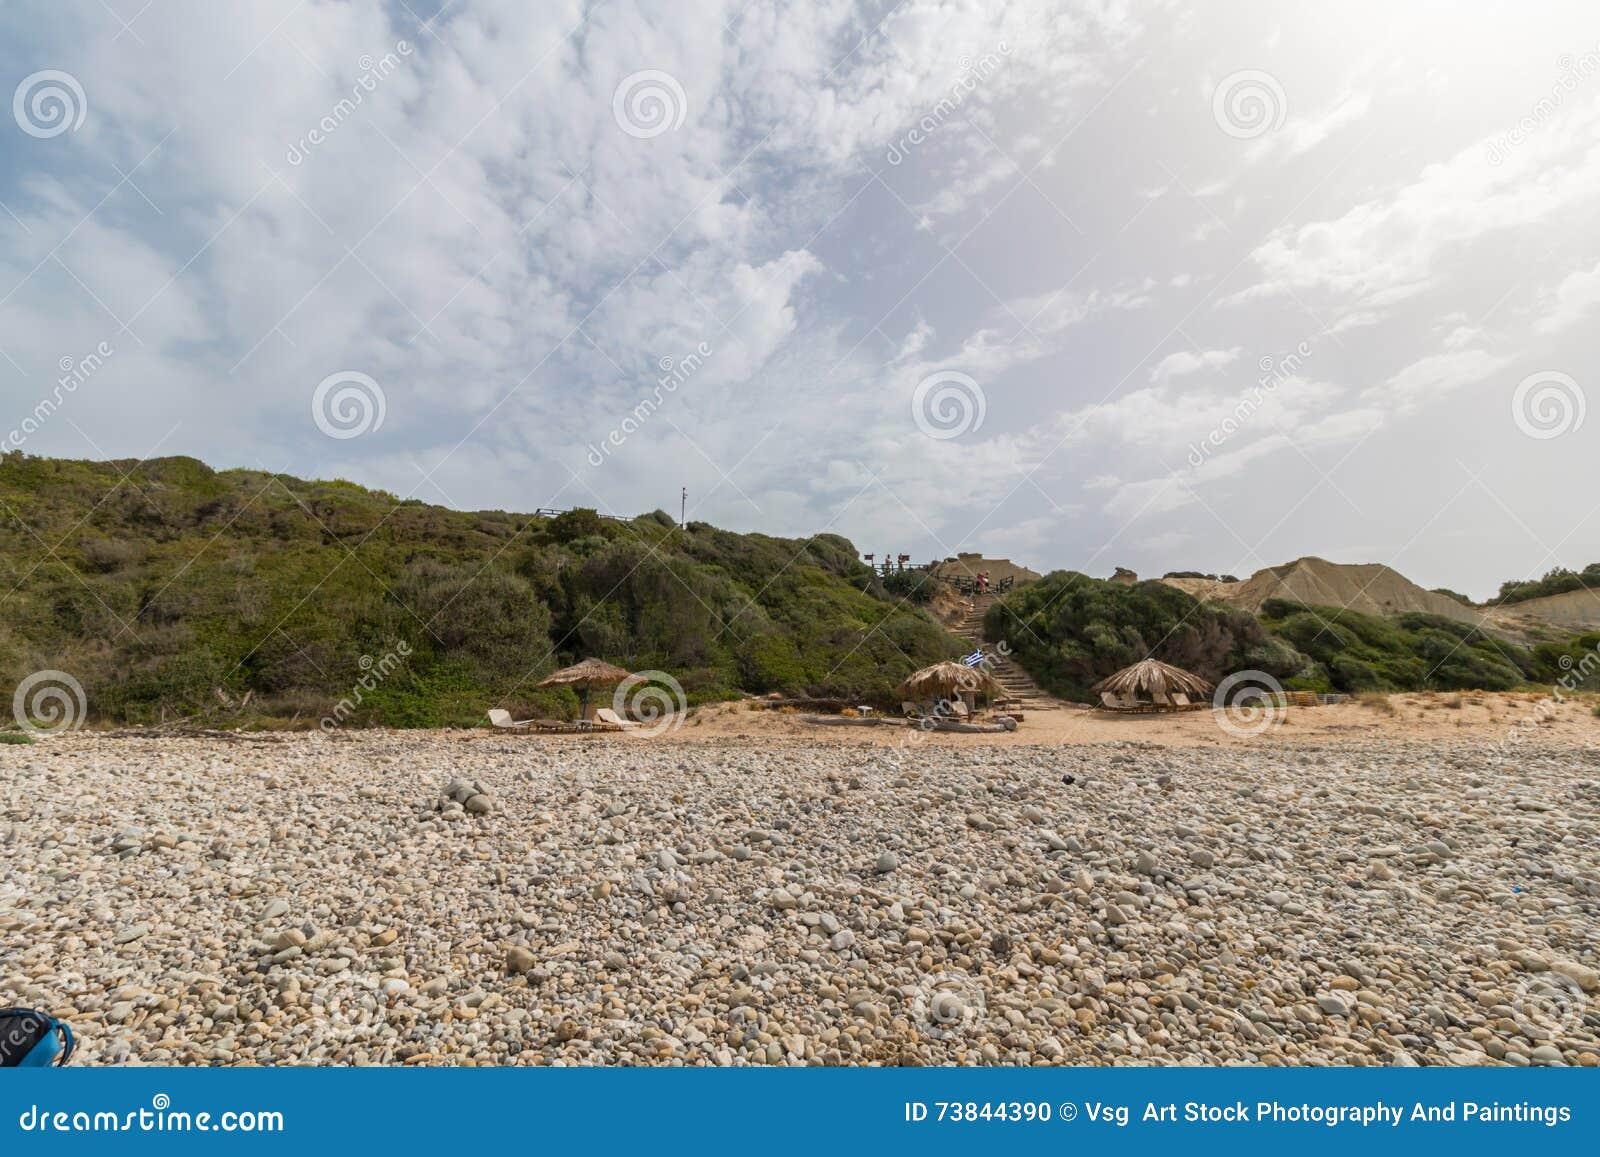 Gerakas Strand In Zakynthos Griechenland Stockfoto Bild Von